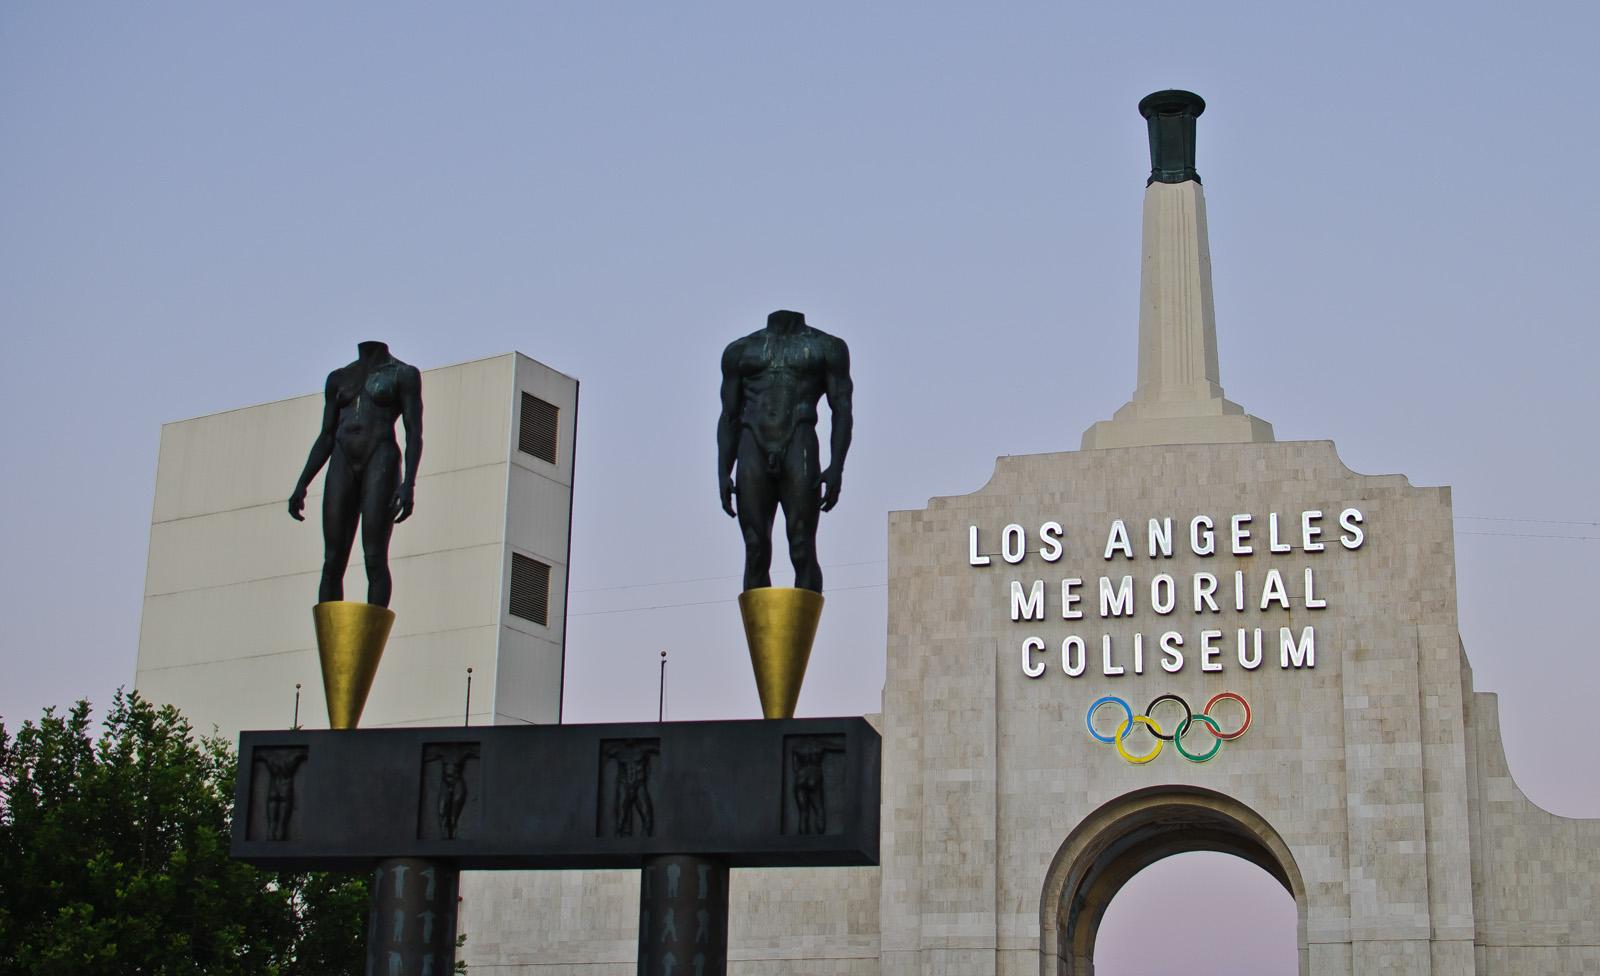 the LA Coliseum